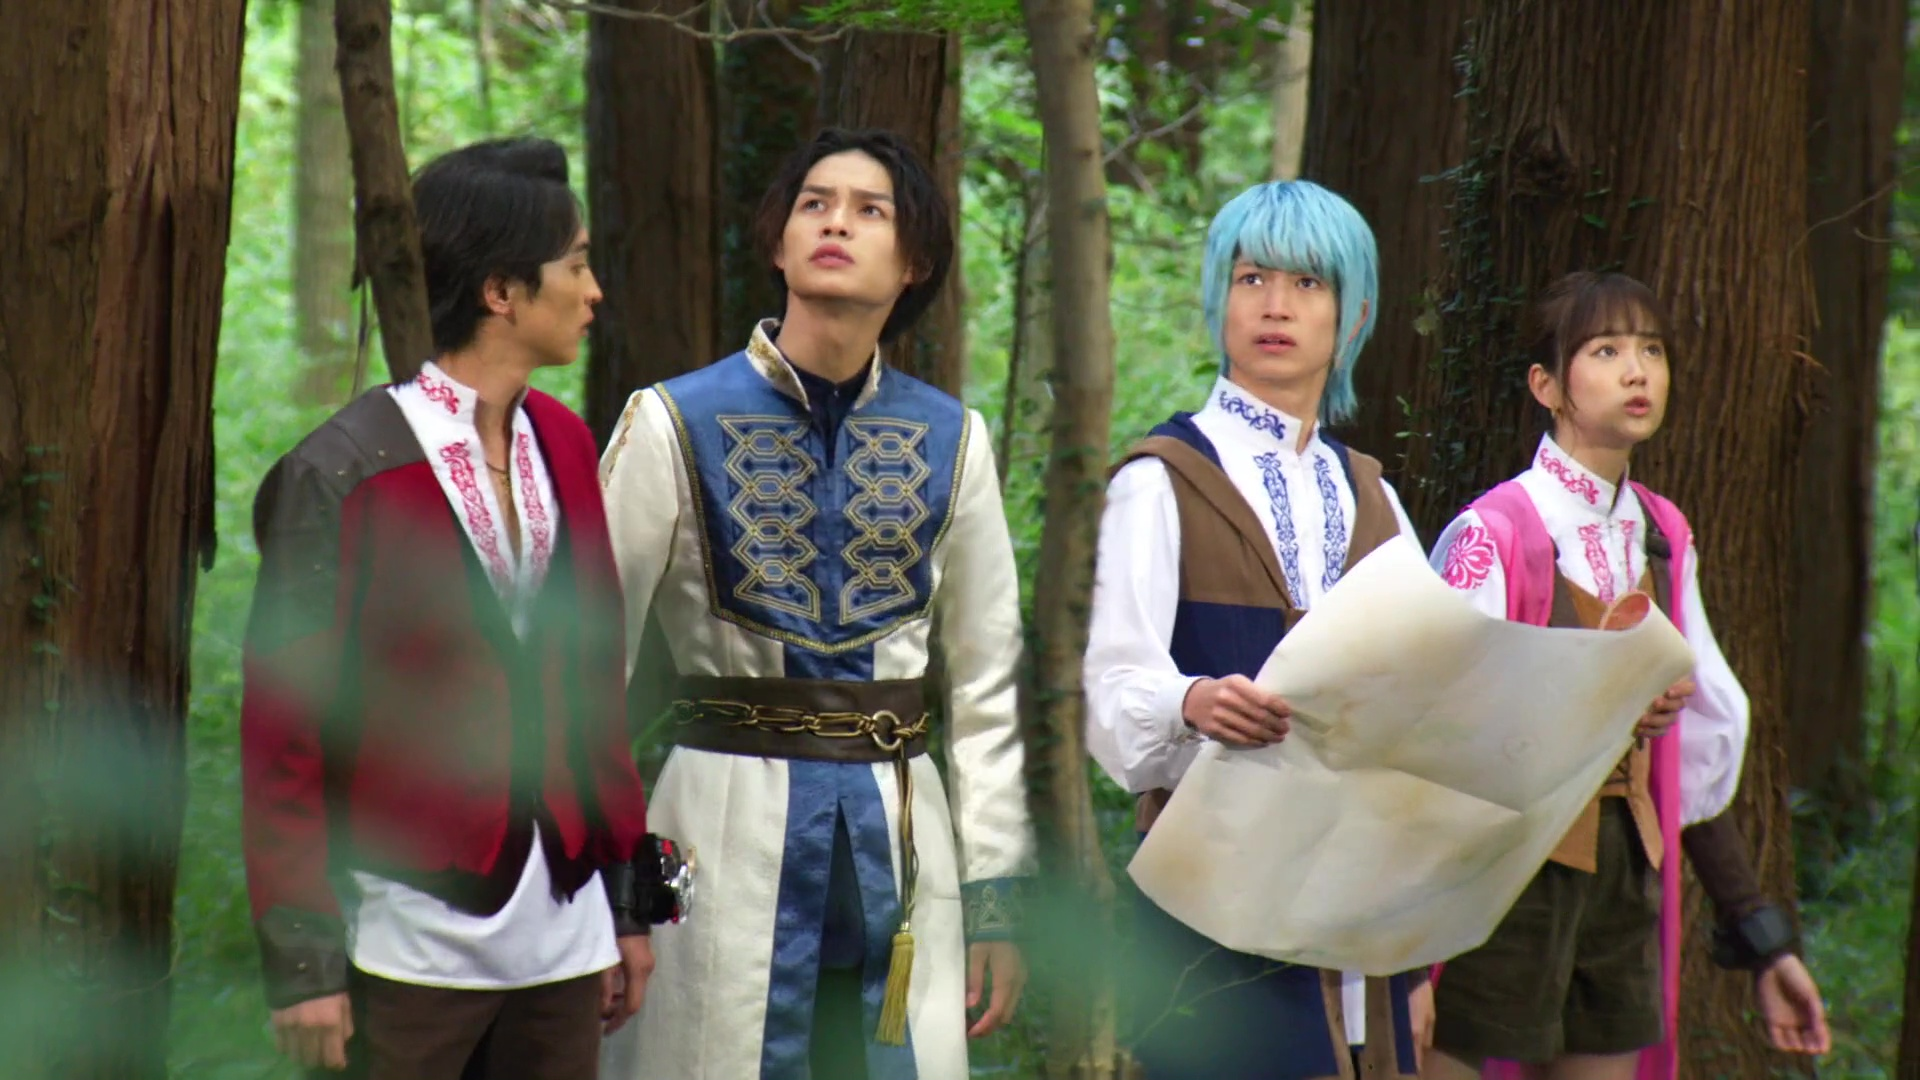 Kishiryu Sentai Ryusoulger Episode 38 Recap